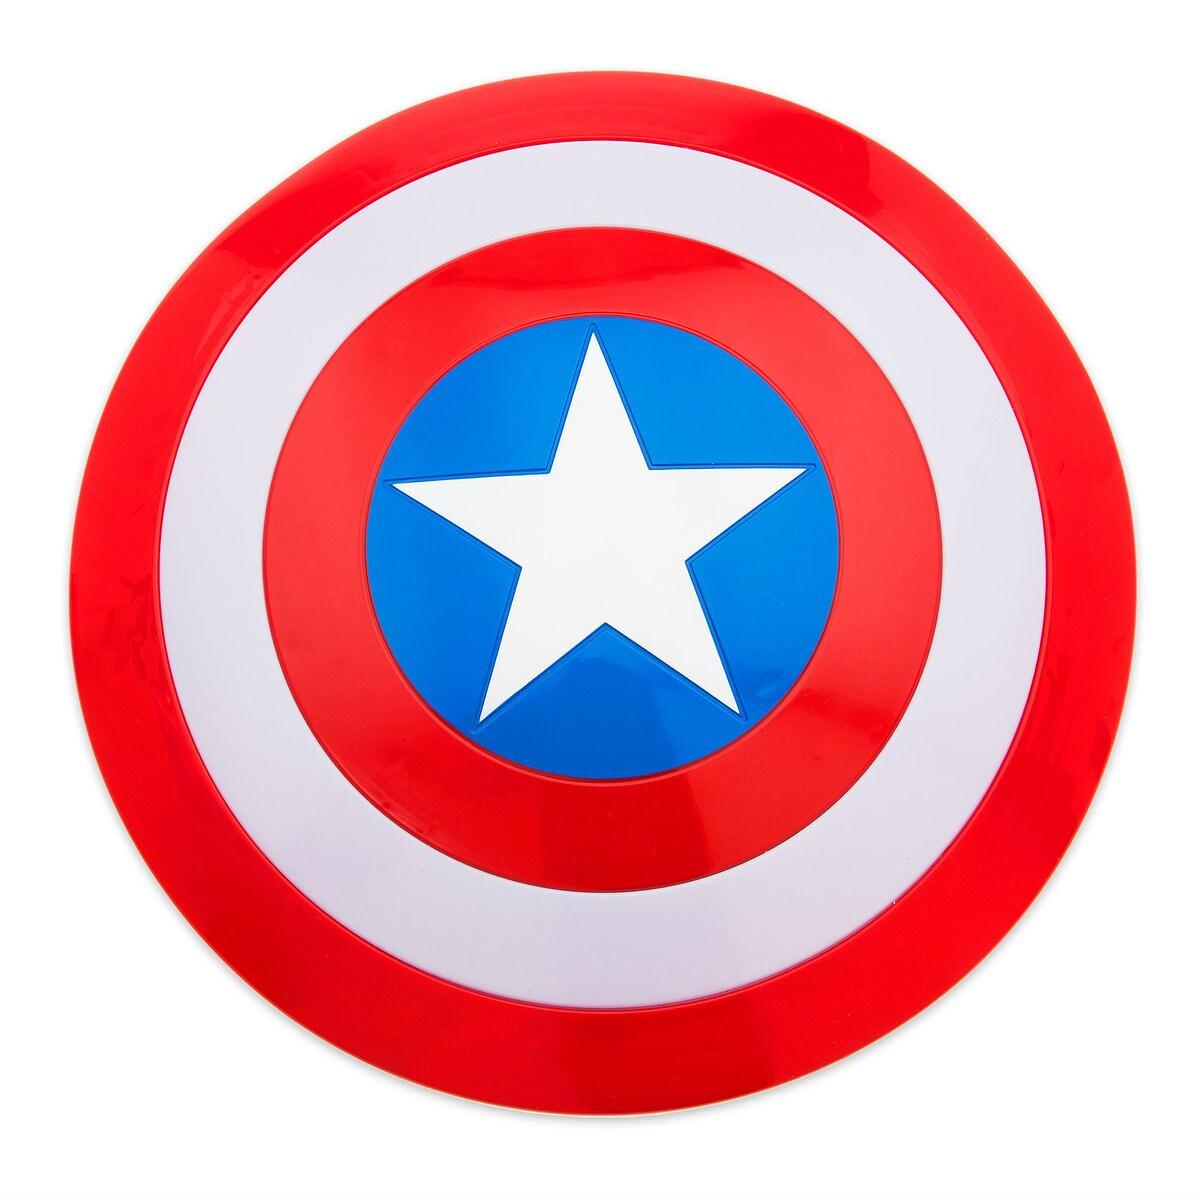 Captain America Shield - Marvel's Avengers: Infinity War